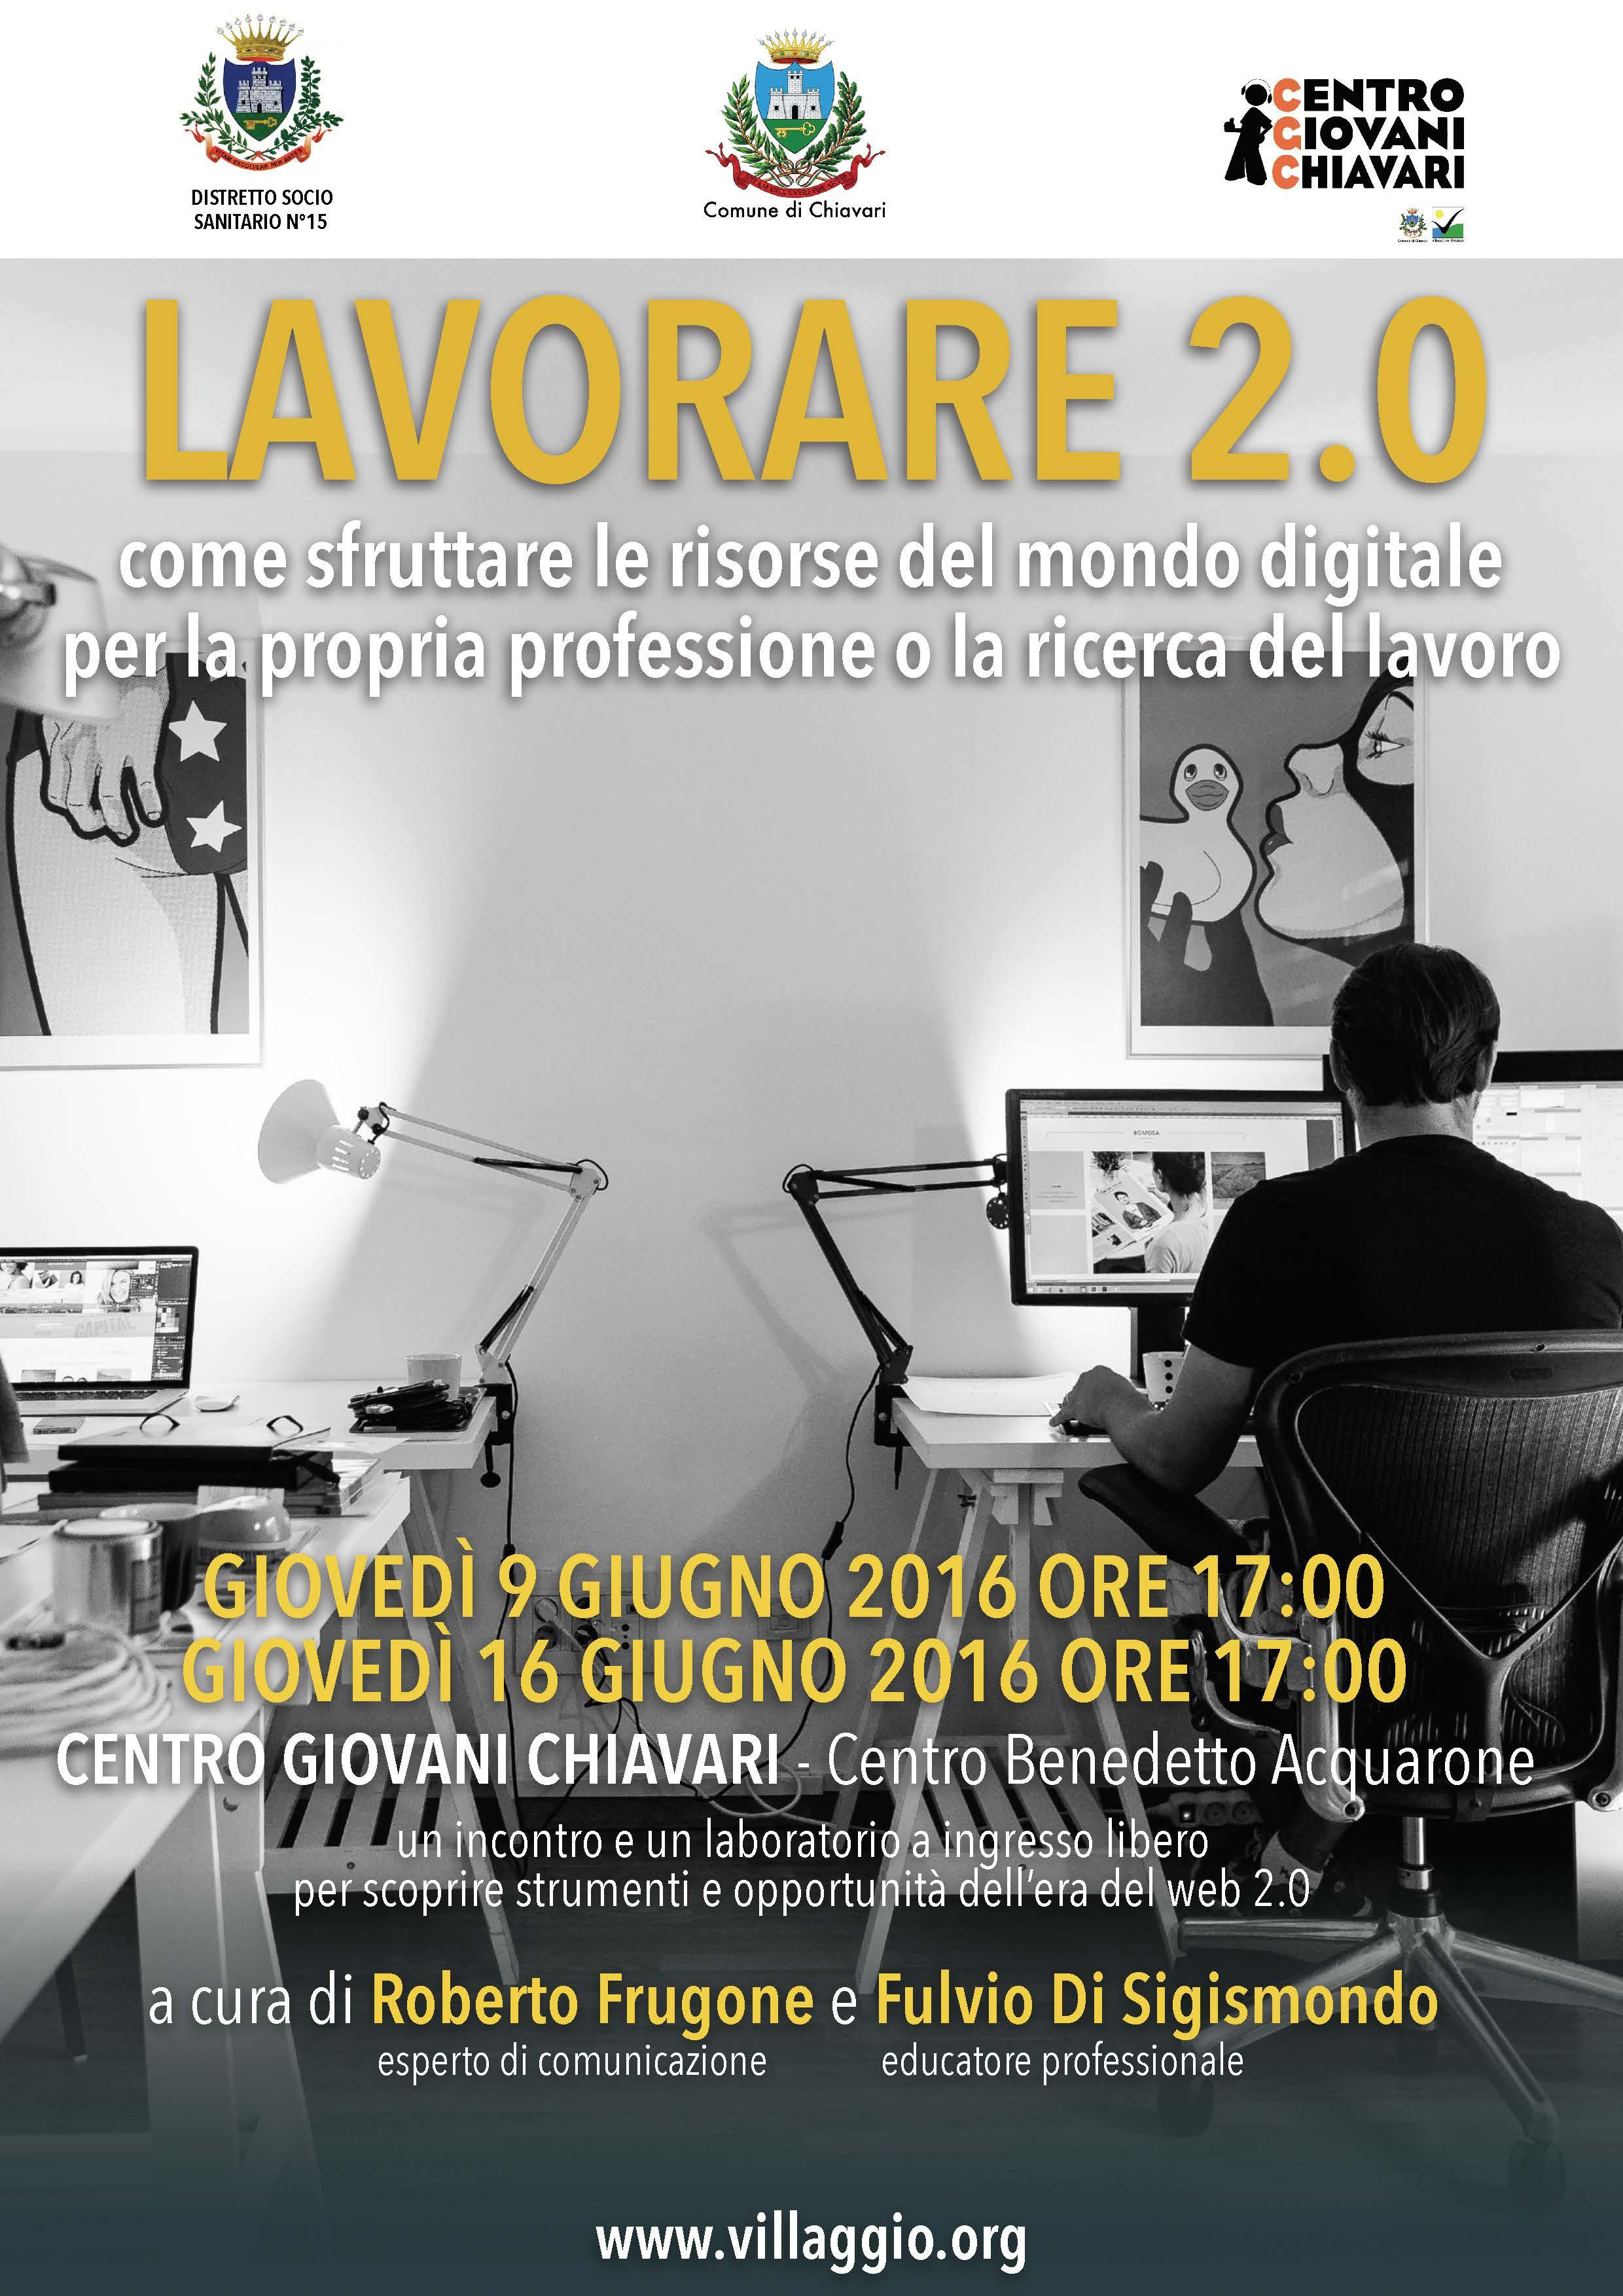 Lavorare 2.0 Centro Giovani Chiavari - locandina